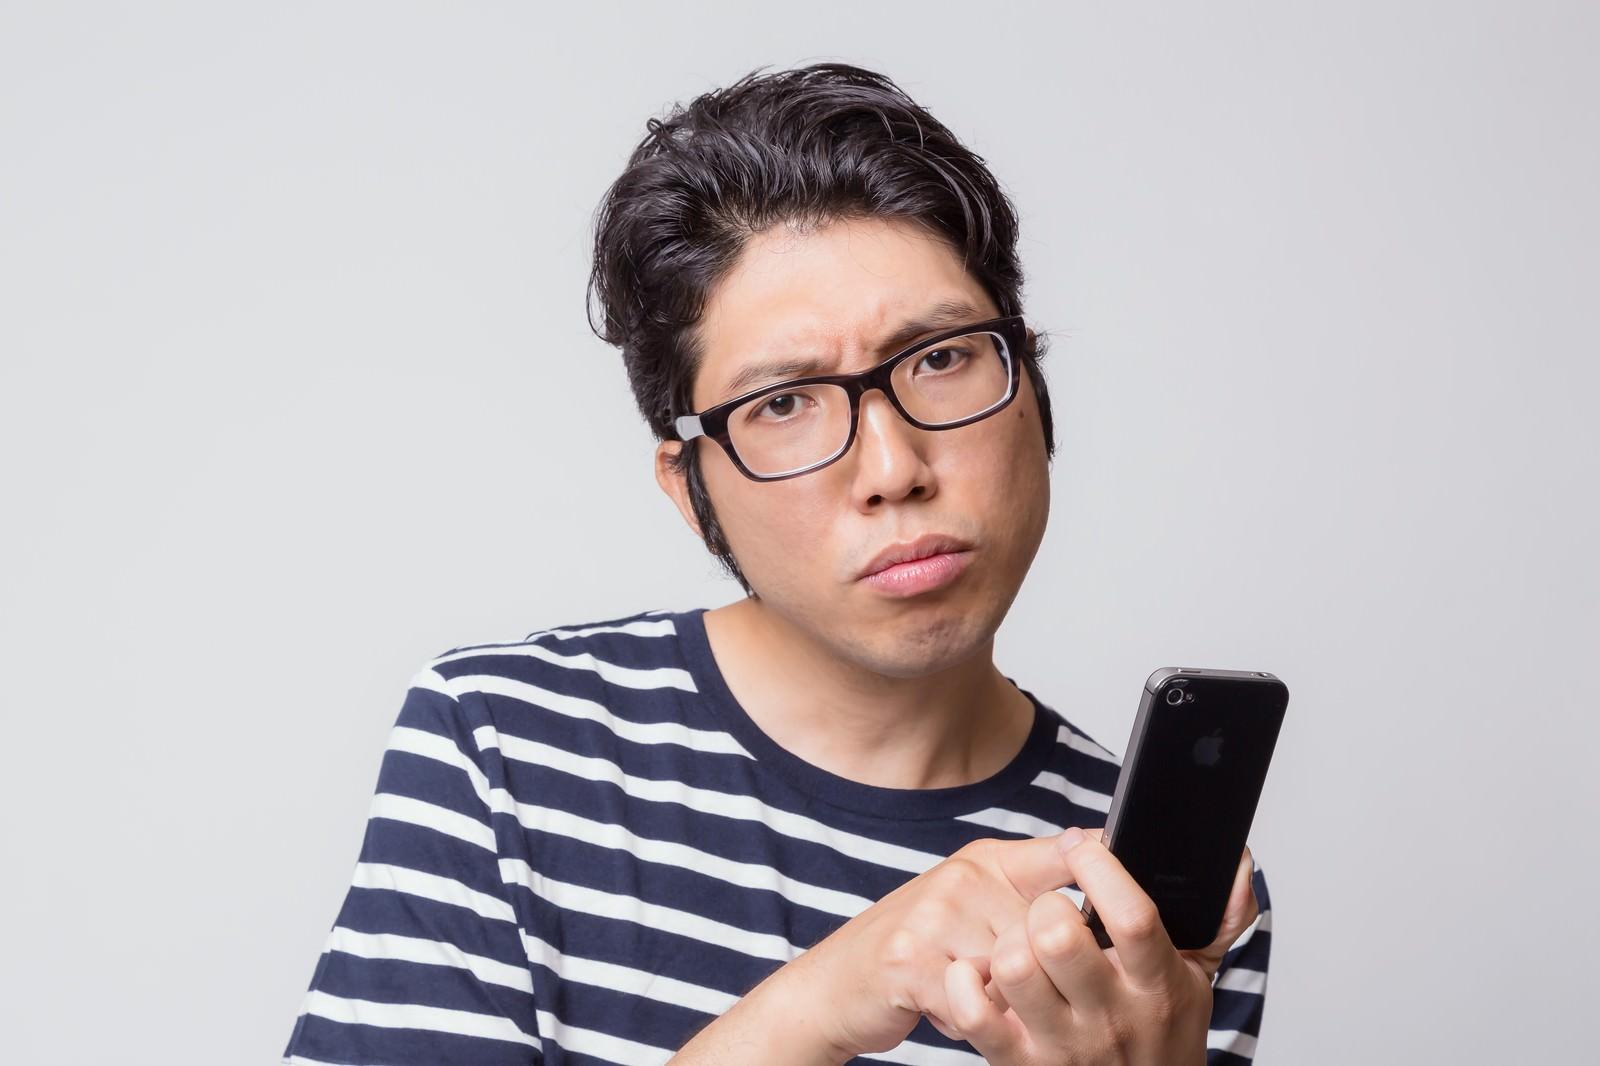 「アプリの使い方がわからなくて困惑する男性」[モデル:紳さん]